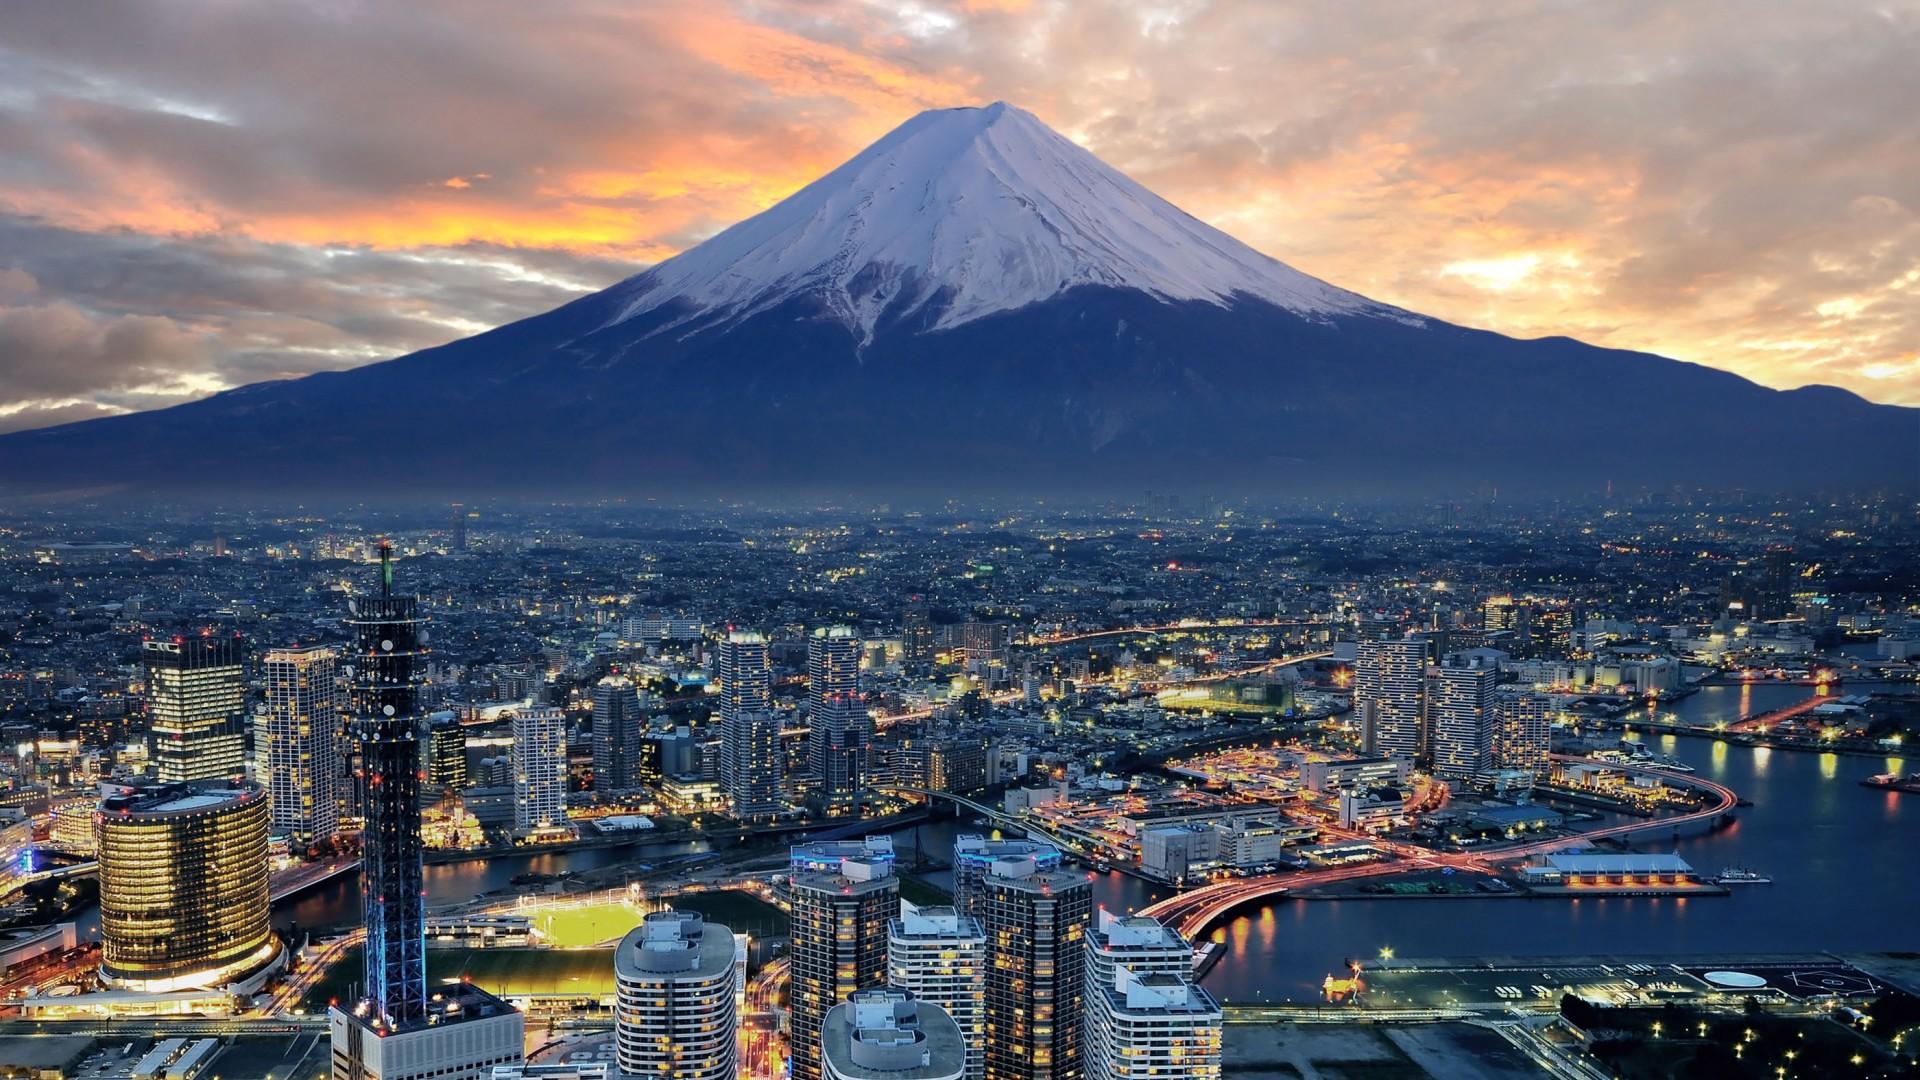 japanyokohama-fuji.jpg